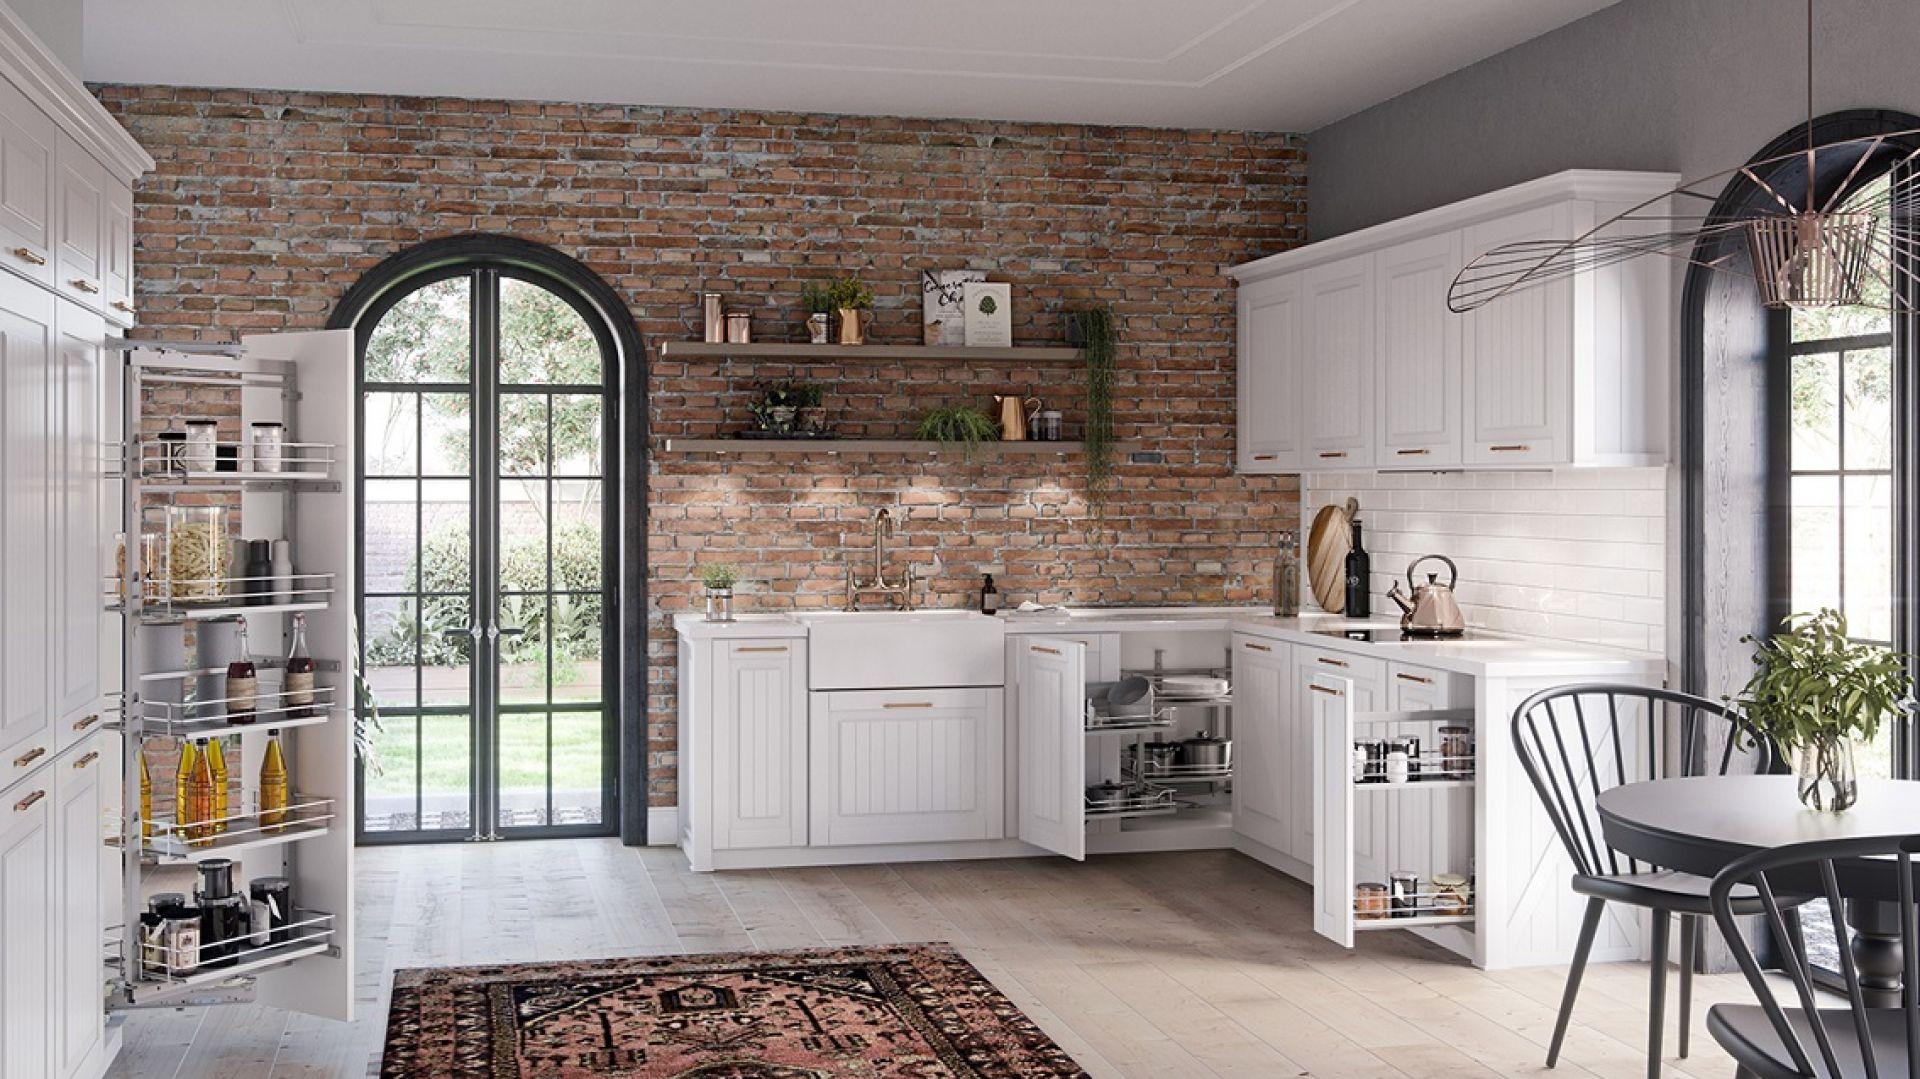 Szuflady możemy w pełni dopasować do własnych potrzeb i aranżacji kuchni – od nas zależą ich wymiary, kolorystyka, rodzaj ścianek bocznych i przeszklenia. Fot. Rejs